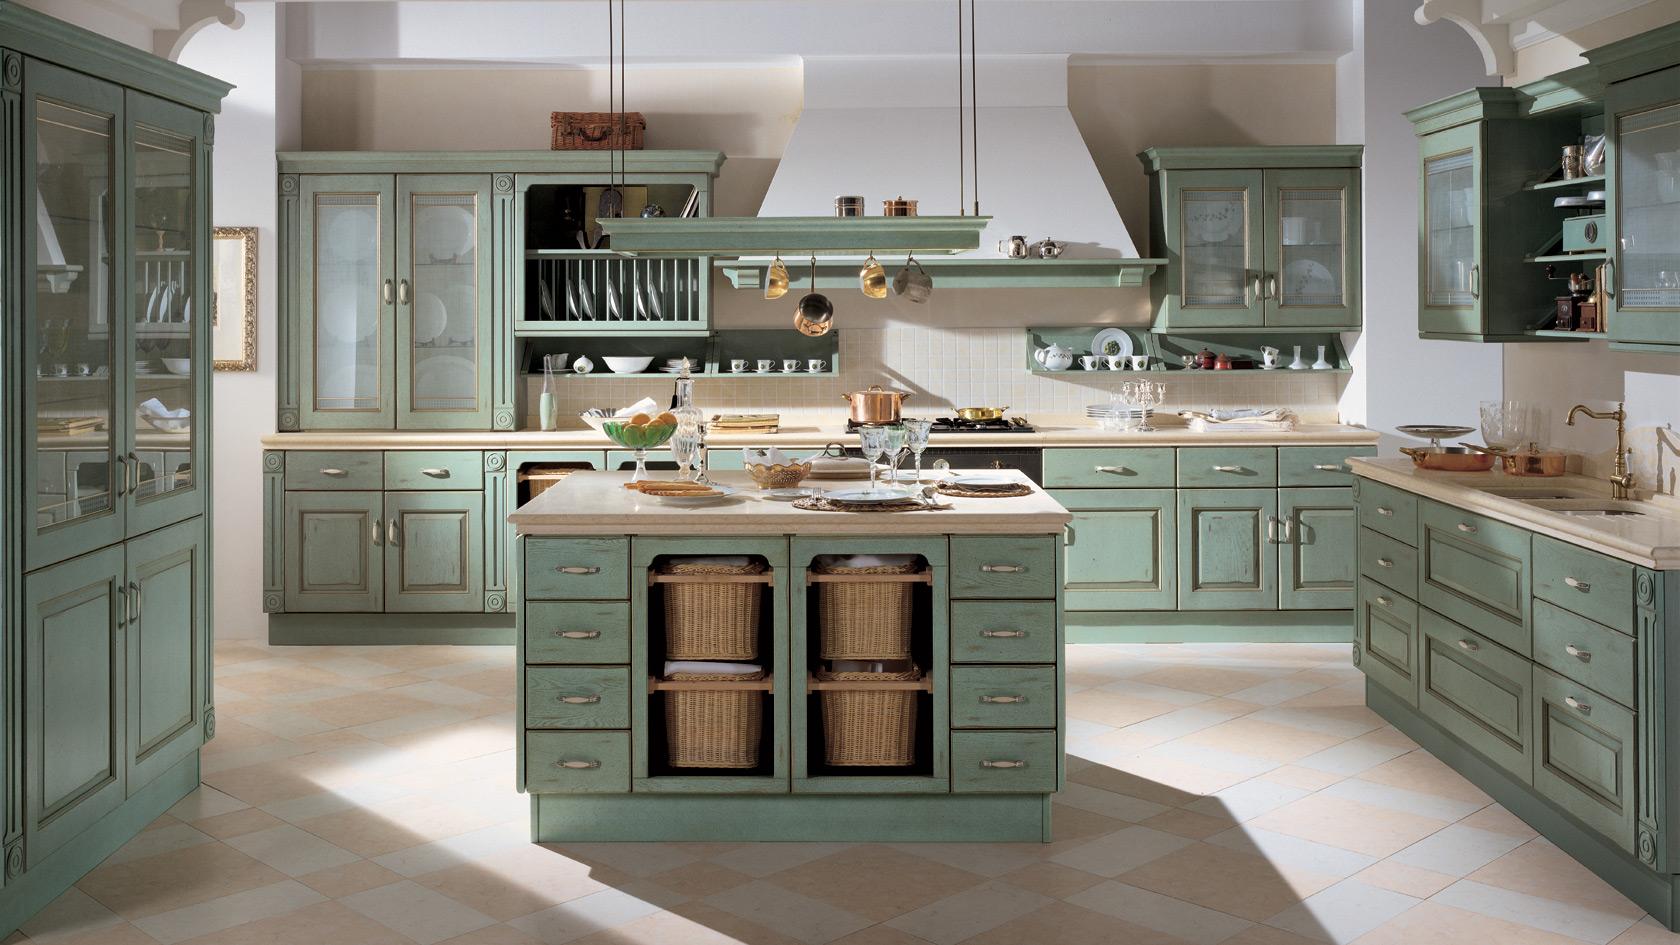 Cucine classiche Scavolini Torino - Arredamenti Quaglio